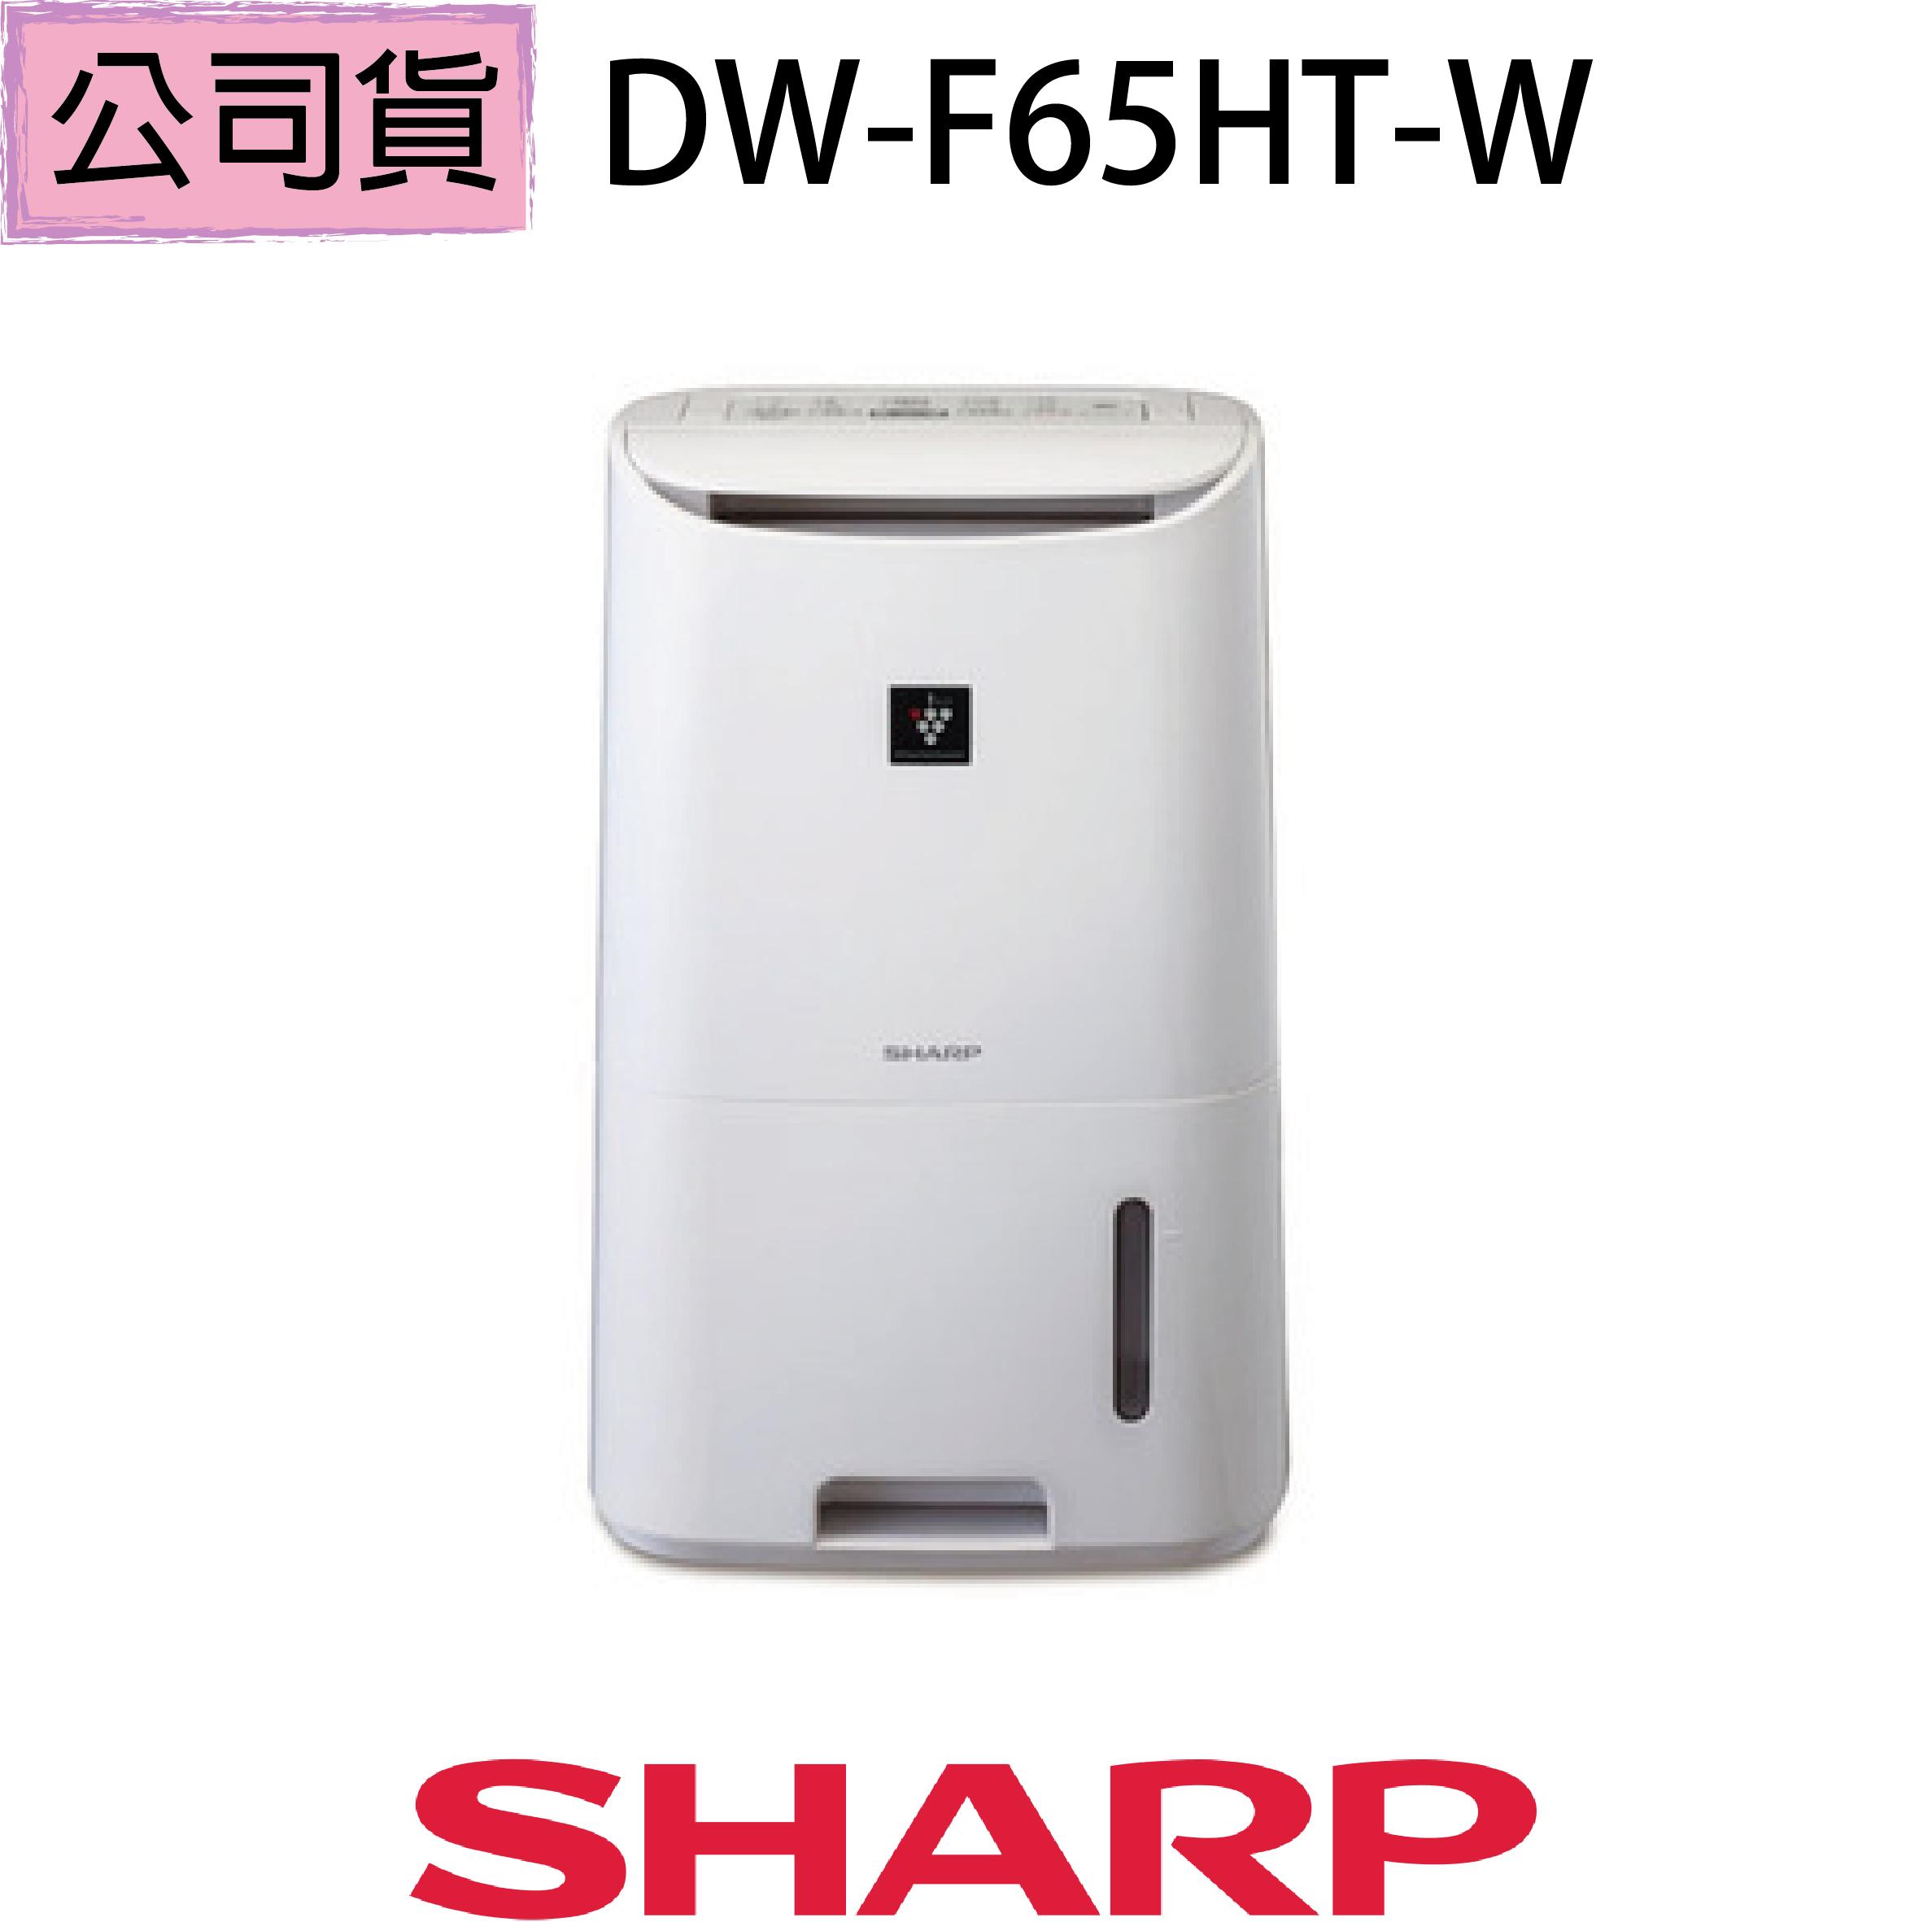 【現貨限量 快速出貨】【SHARP】夏寶 6.5L 清淨除濕機DW-F65HT-W(公司貨)